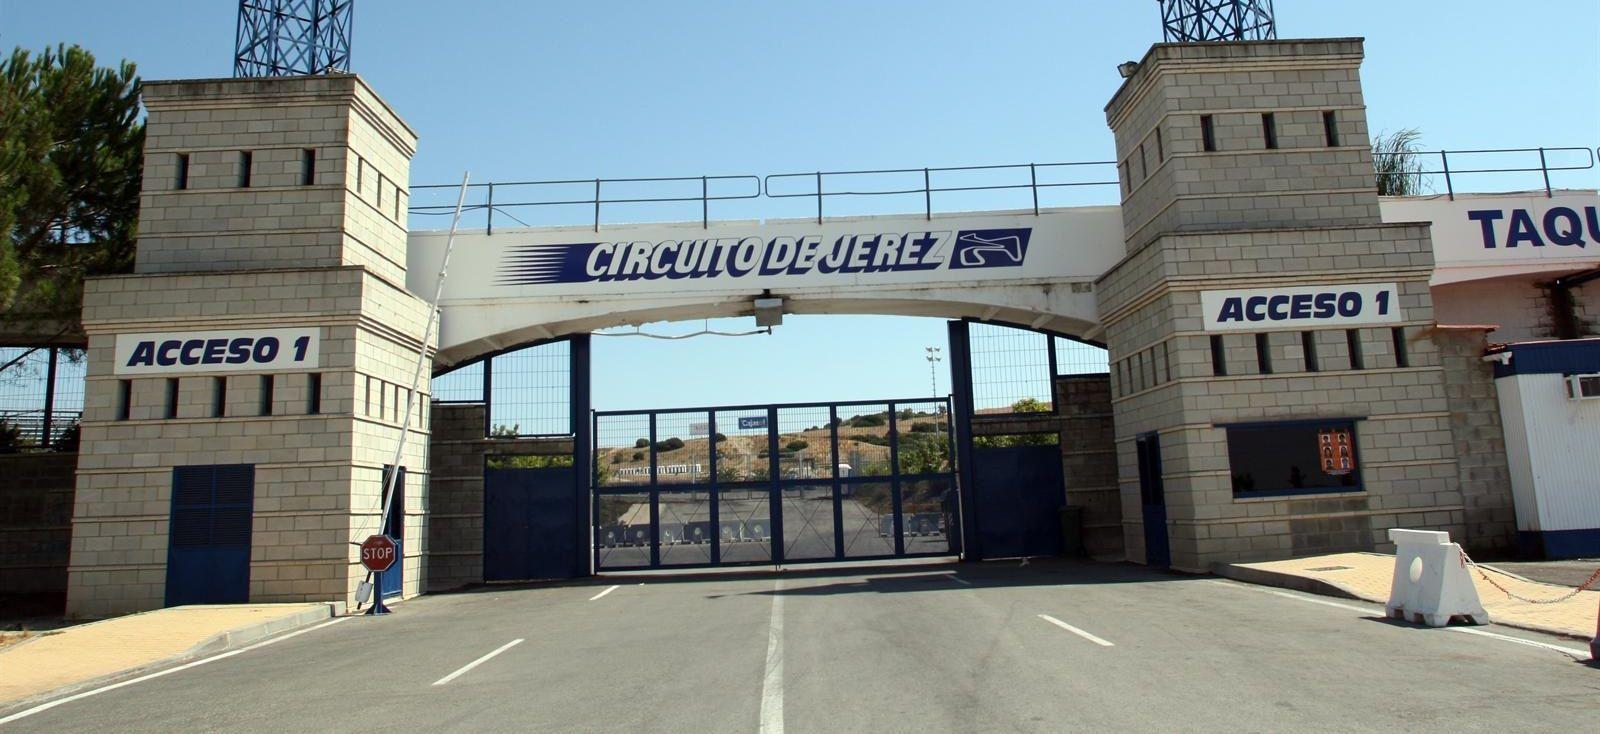 Circuito De Jerez : Jornada de puertas abiertas en el circuito a beneficio de los